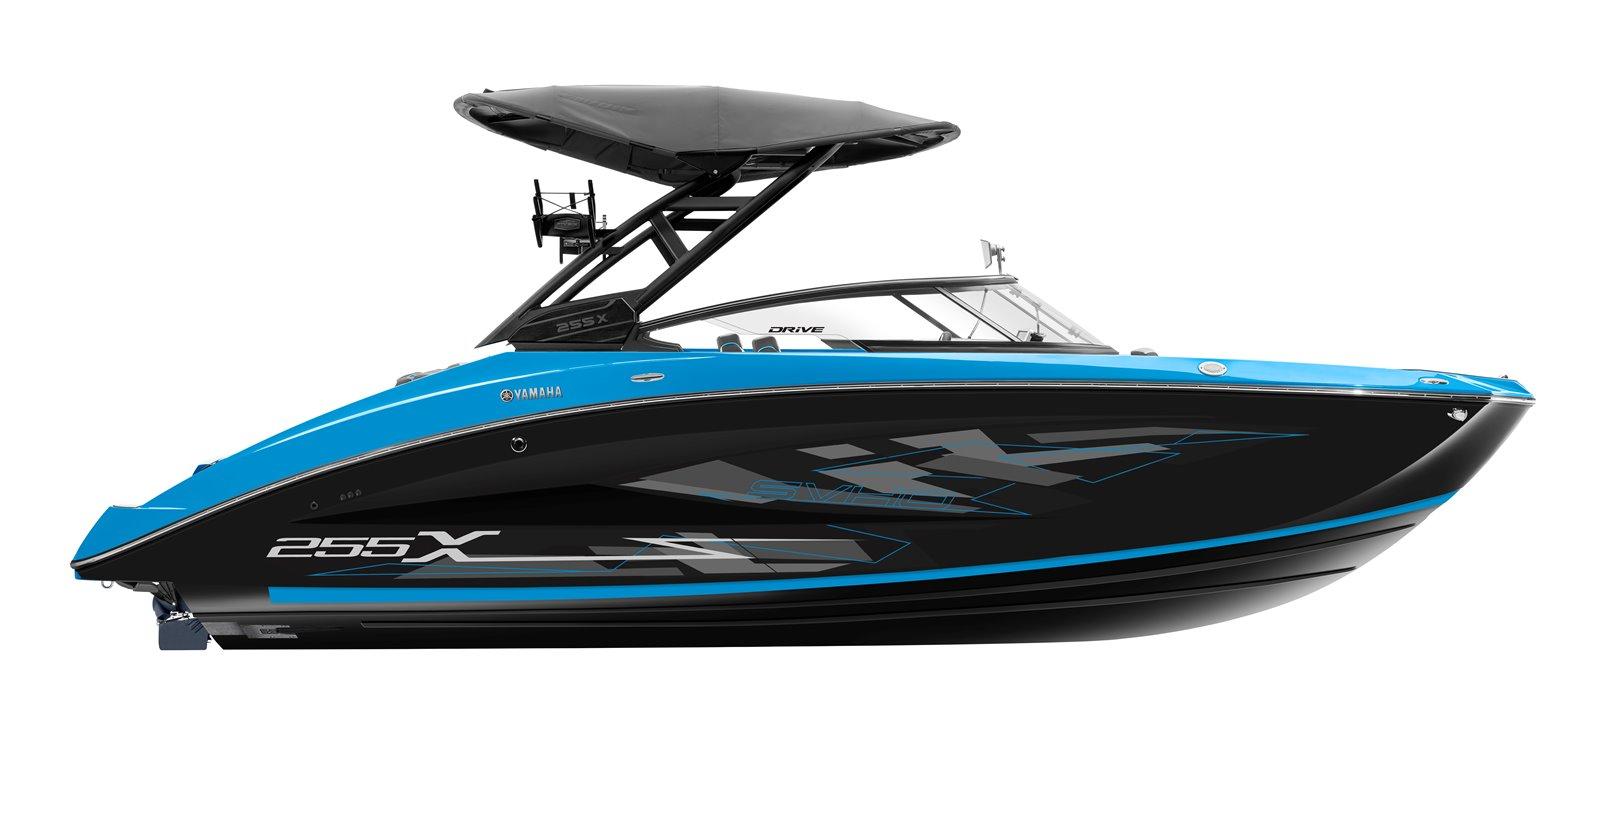 Yamaha Boats 255 XD